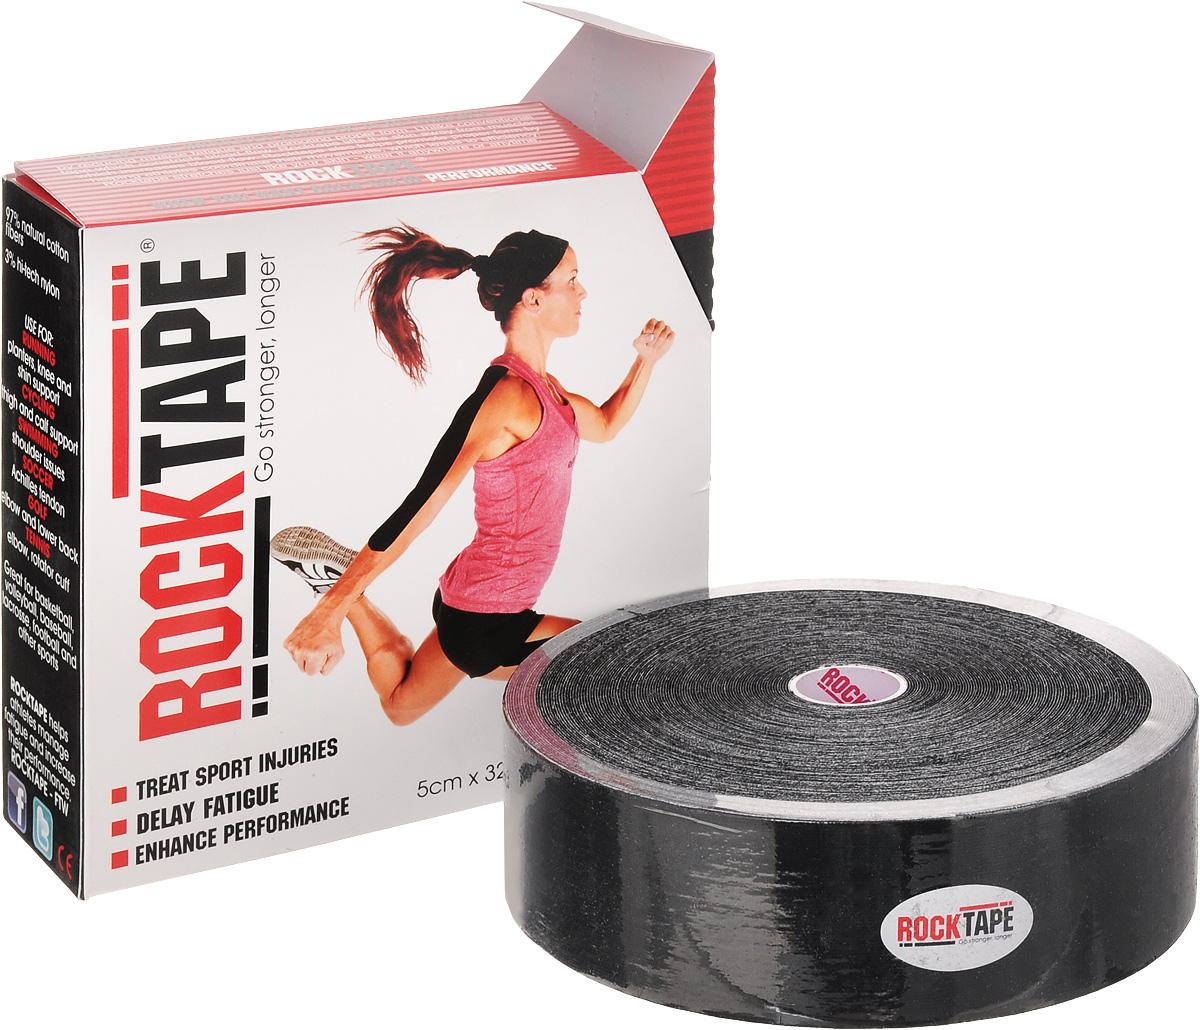 Кинезио тейп Rocktape Bulk, цвет: черный, 5 x 3200 смAP02013Кинезио тейп Rocktape Bulkc, выполненный из хлопка и акрила, предназначен для снятия отеков и рассасывания гематом. Уменьшает мышечную усталость и способствует притоку крови для более быстрого восстановления. Повышает производительность. Ширина ленты: 5 см.